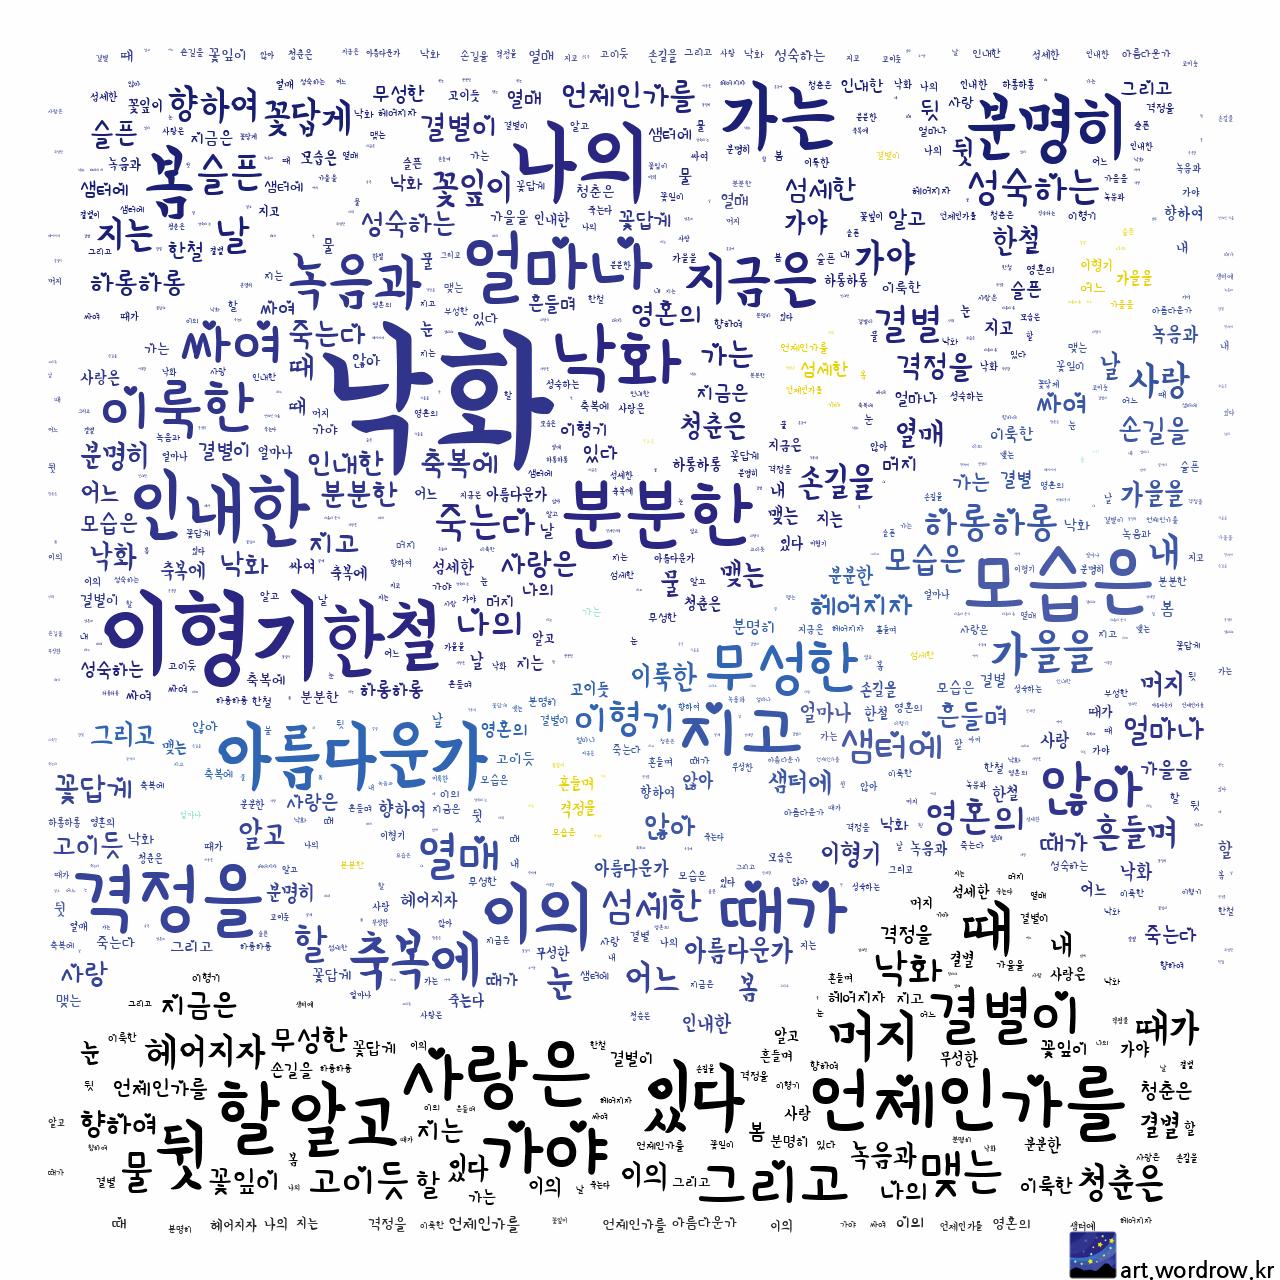 워드 클라우드: 낙화 [이형기]-6